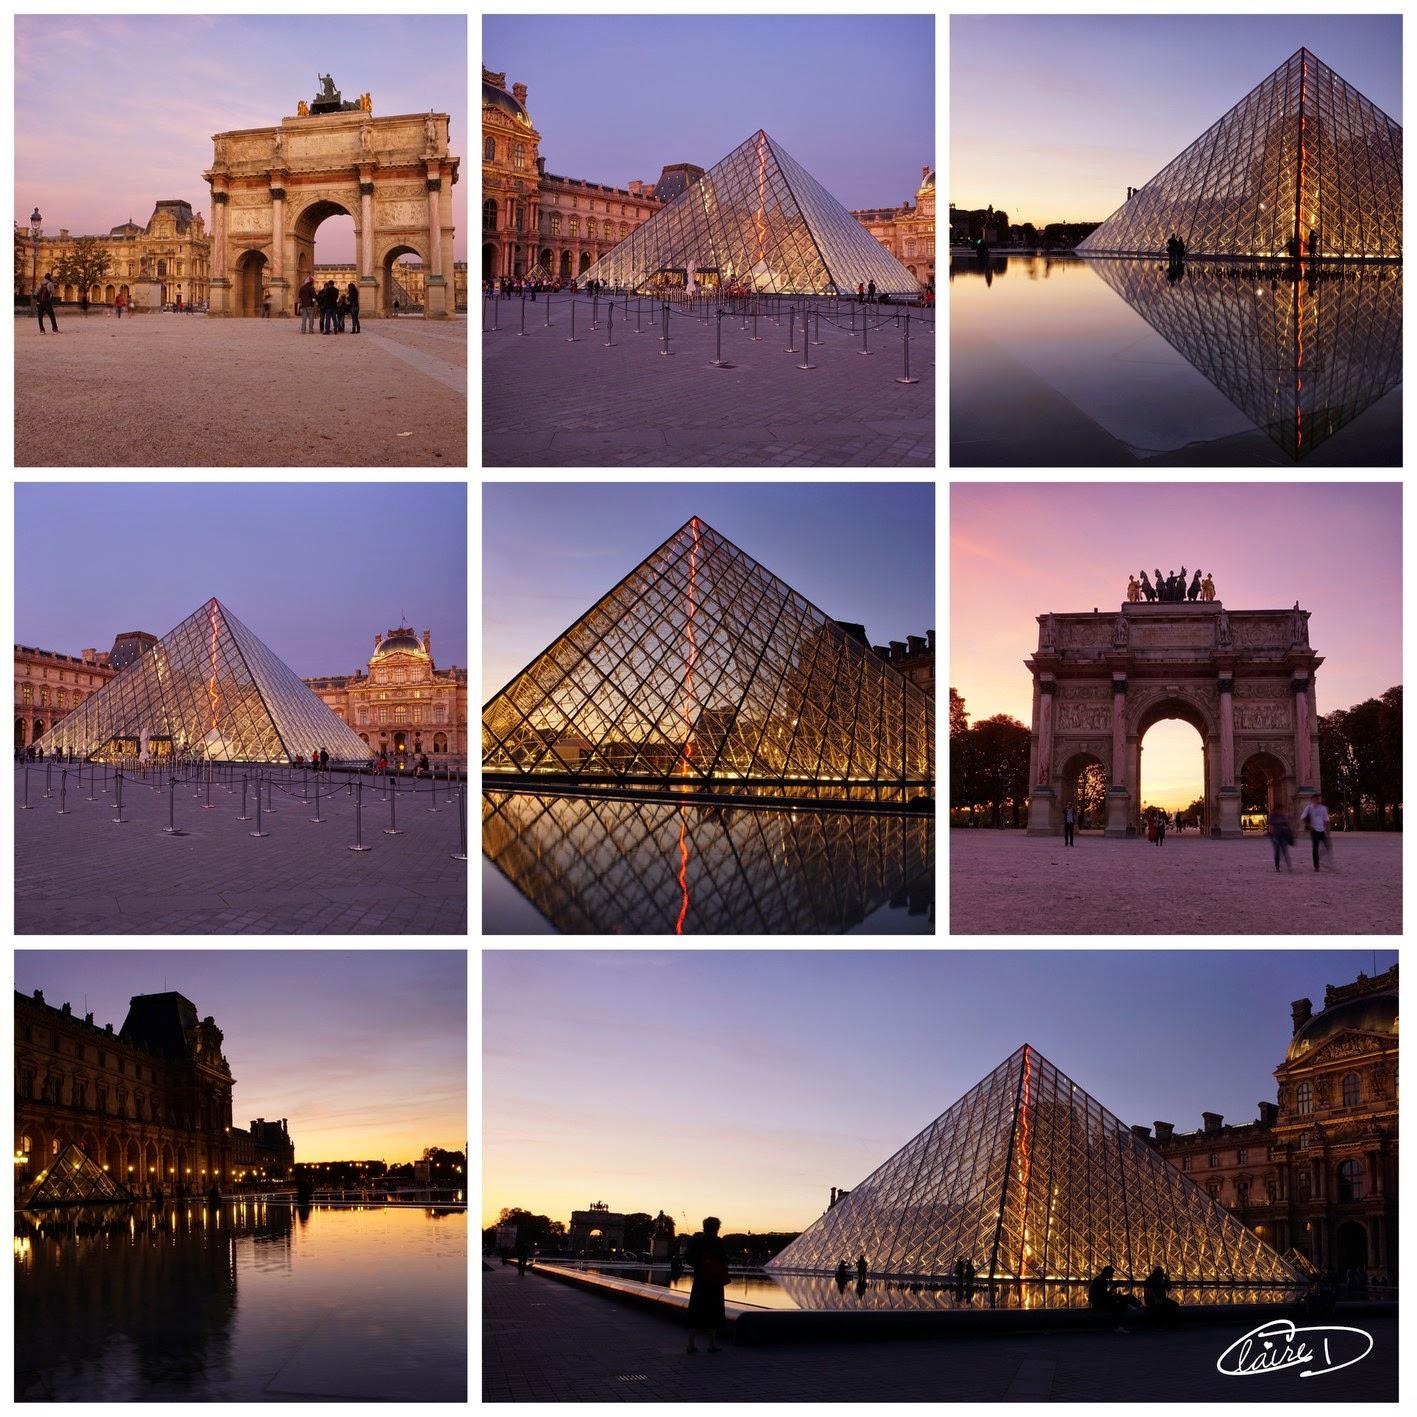 Le blog de claire pour le plaisir de partager lever et coucher de soleil paris - Lever et coucher du soleil paris ...